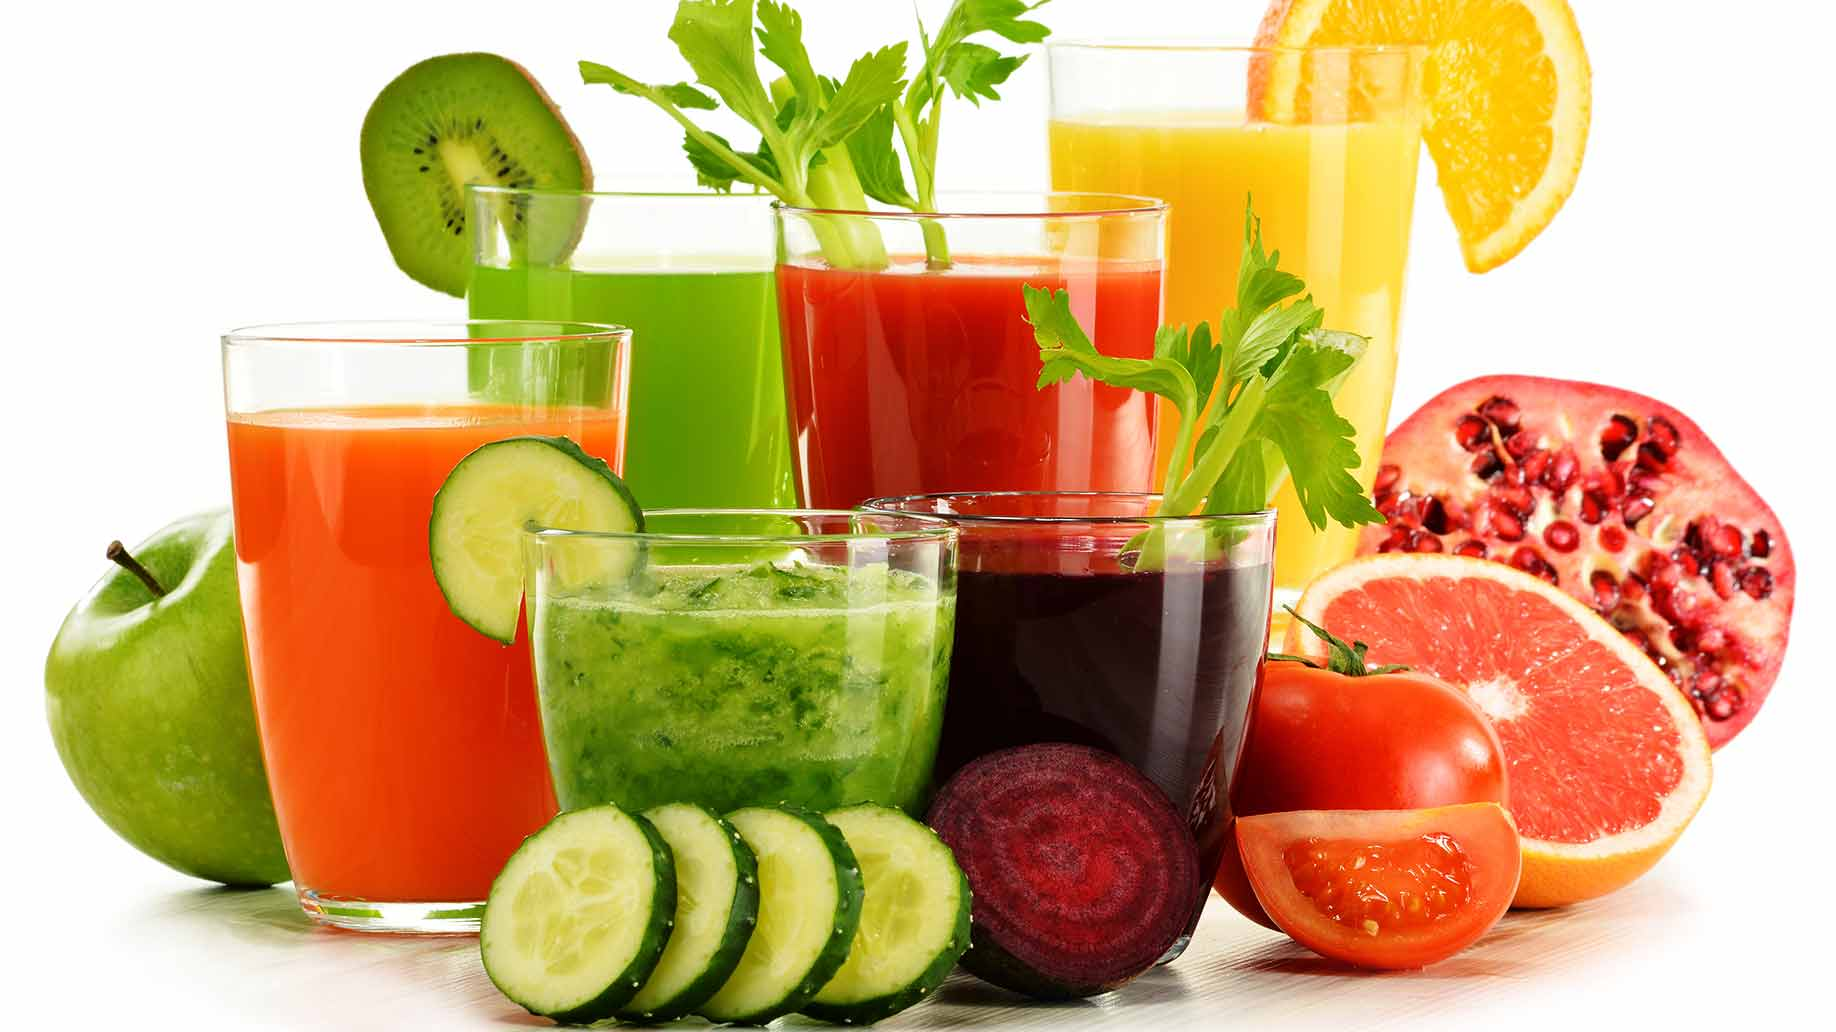 Thời điểm ăn trái cây để đạt hiệu quả tốt nhất cho sức khỏe - Ảnh 3.